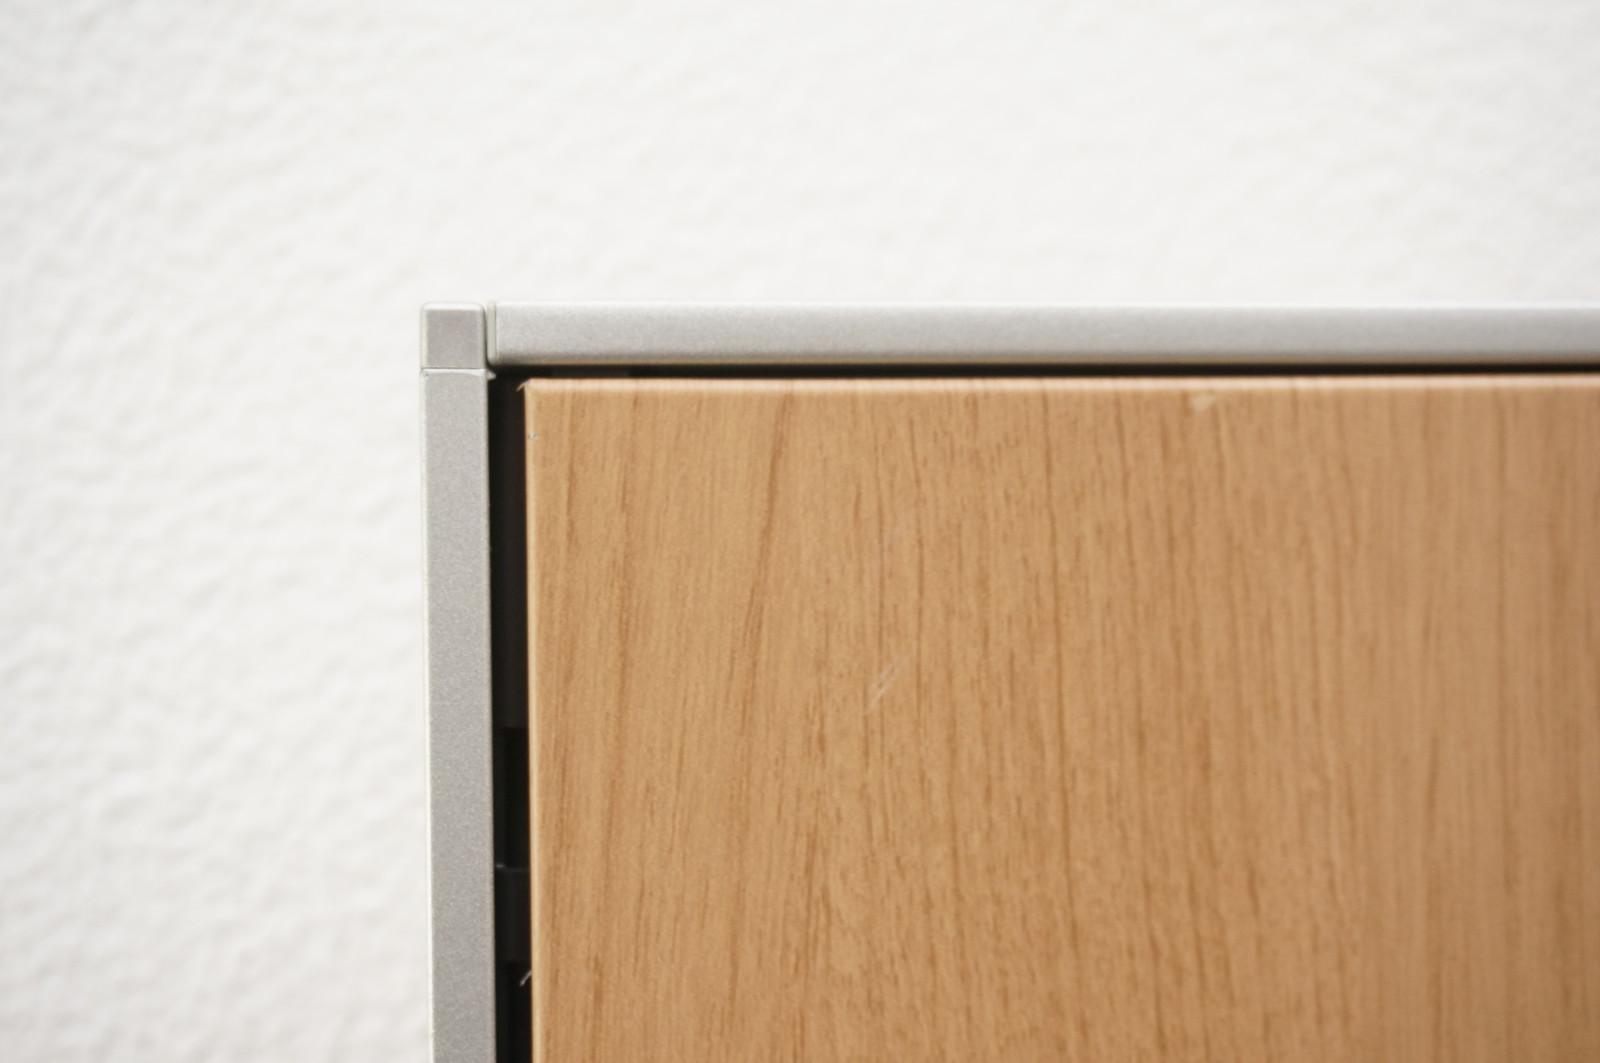 オカムラ ポジット パーティション スチールパネル ネオウッドミディアム W1200 H1520